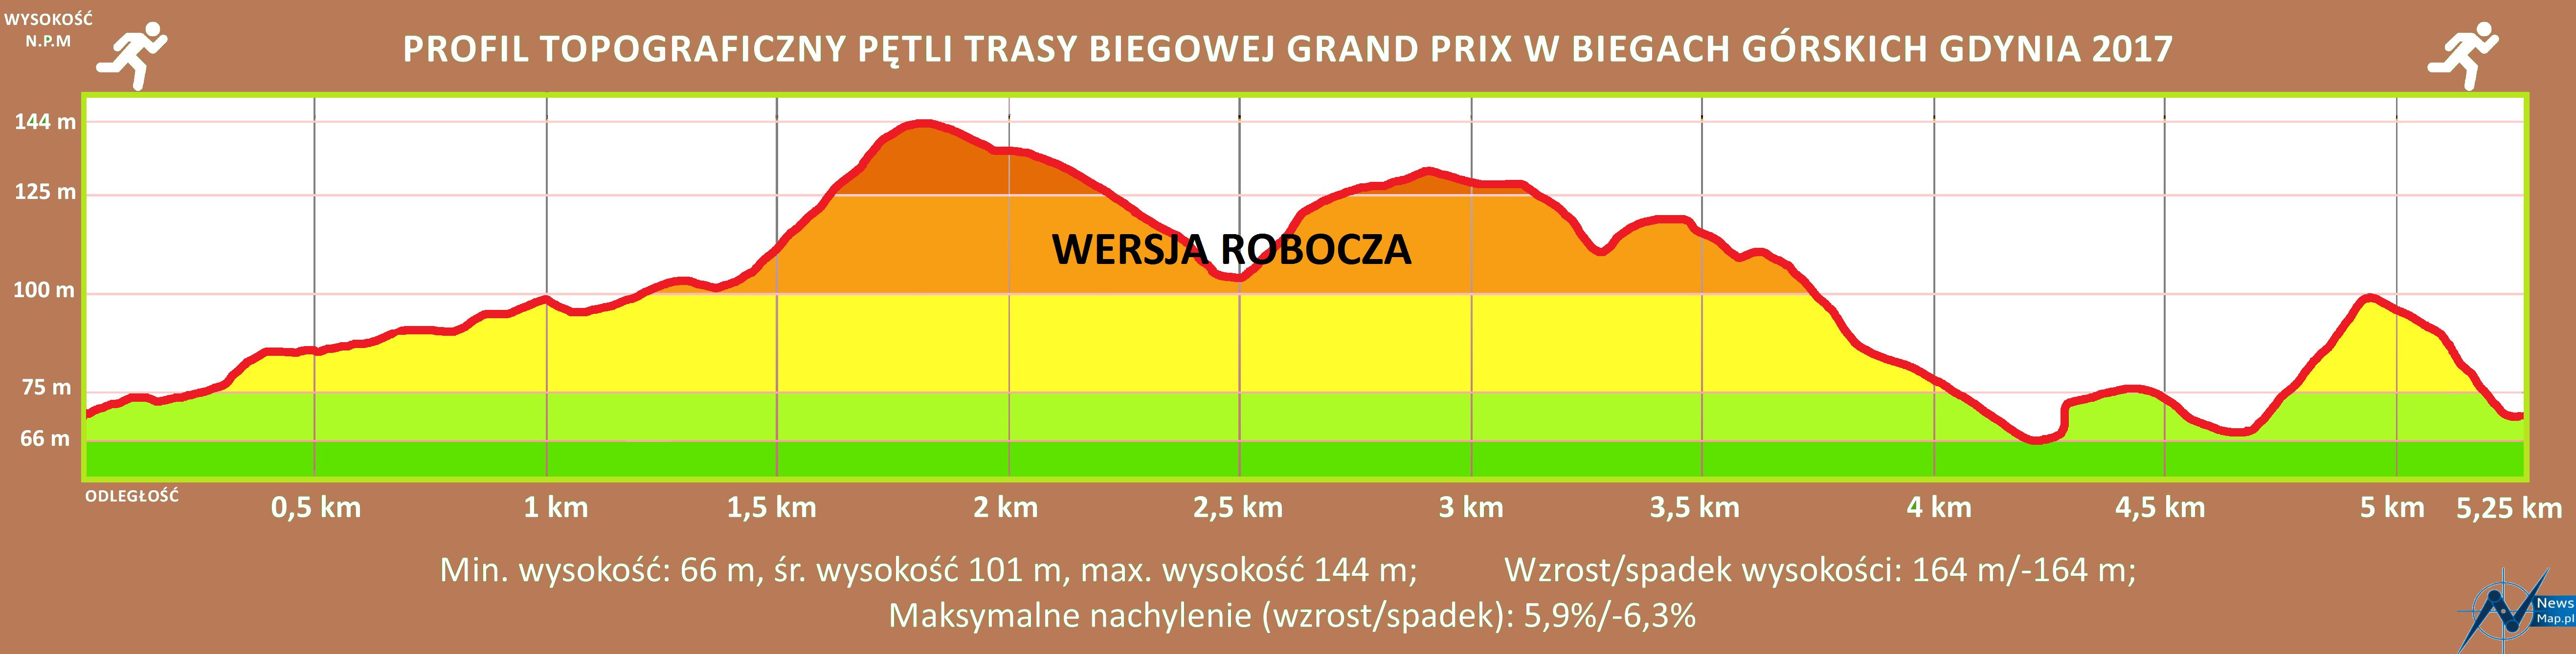 Profil topografczny GP Gdynia — wersja robocza